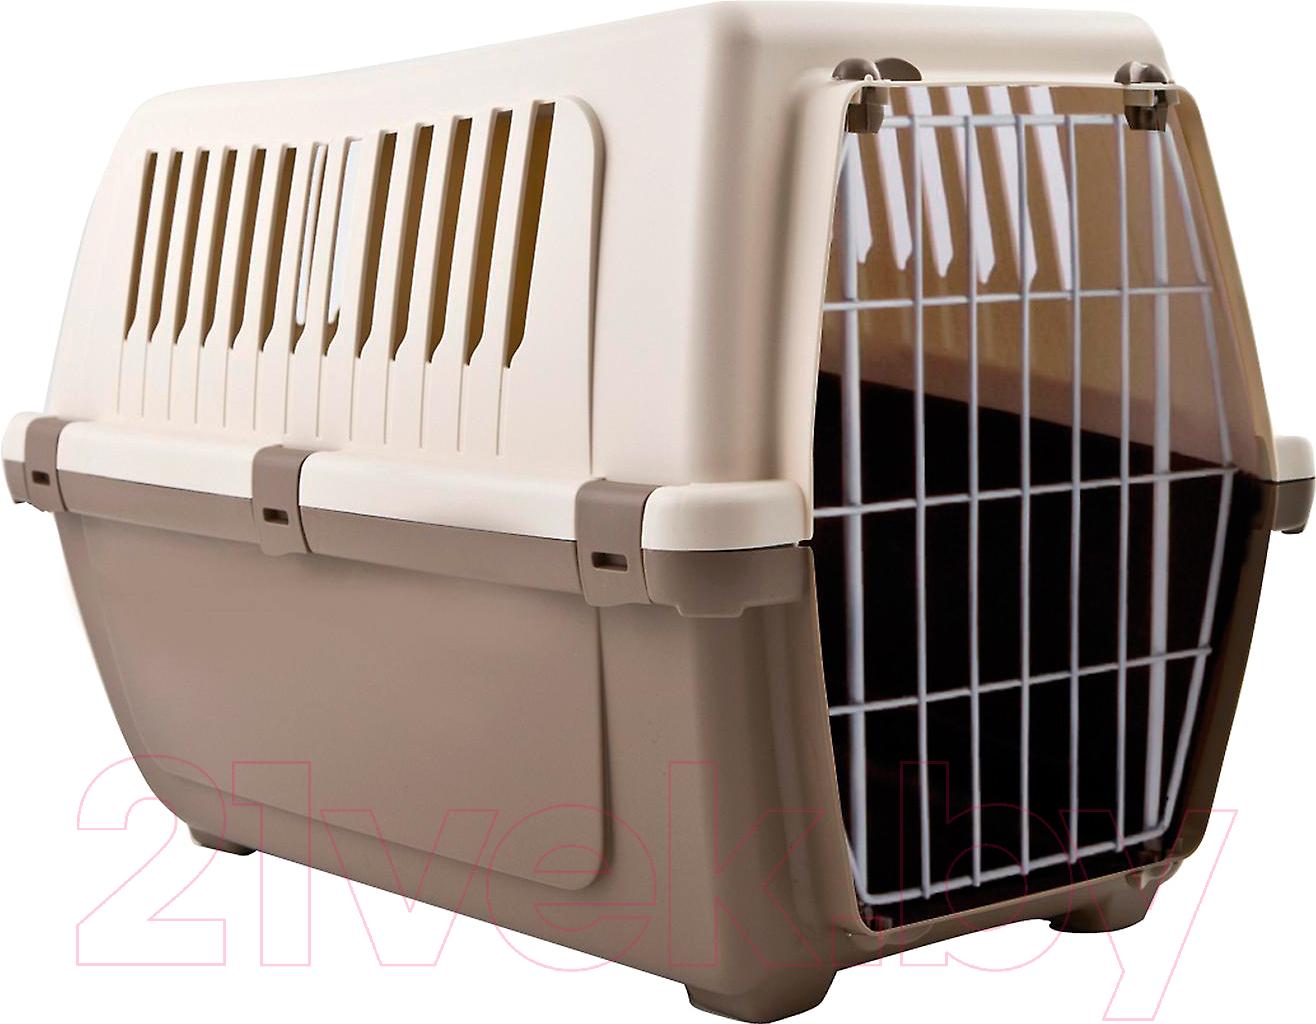 Купить Переноска для животных MP Bergamo, Vision Classic 55 / 10.55E, Италия, зависит от партии поставки, пластик